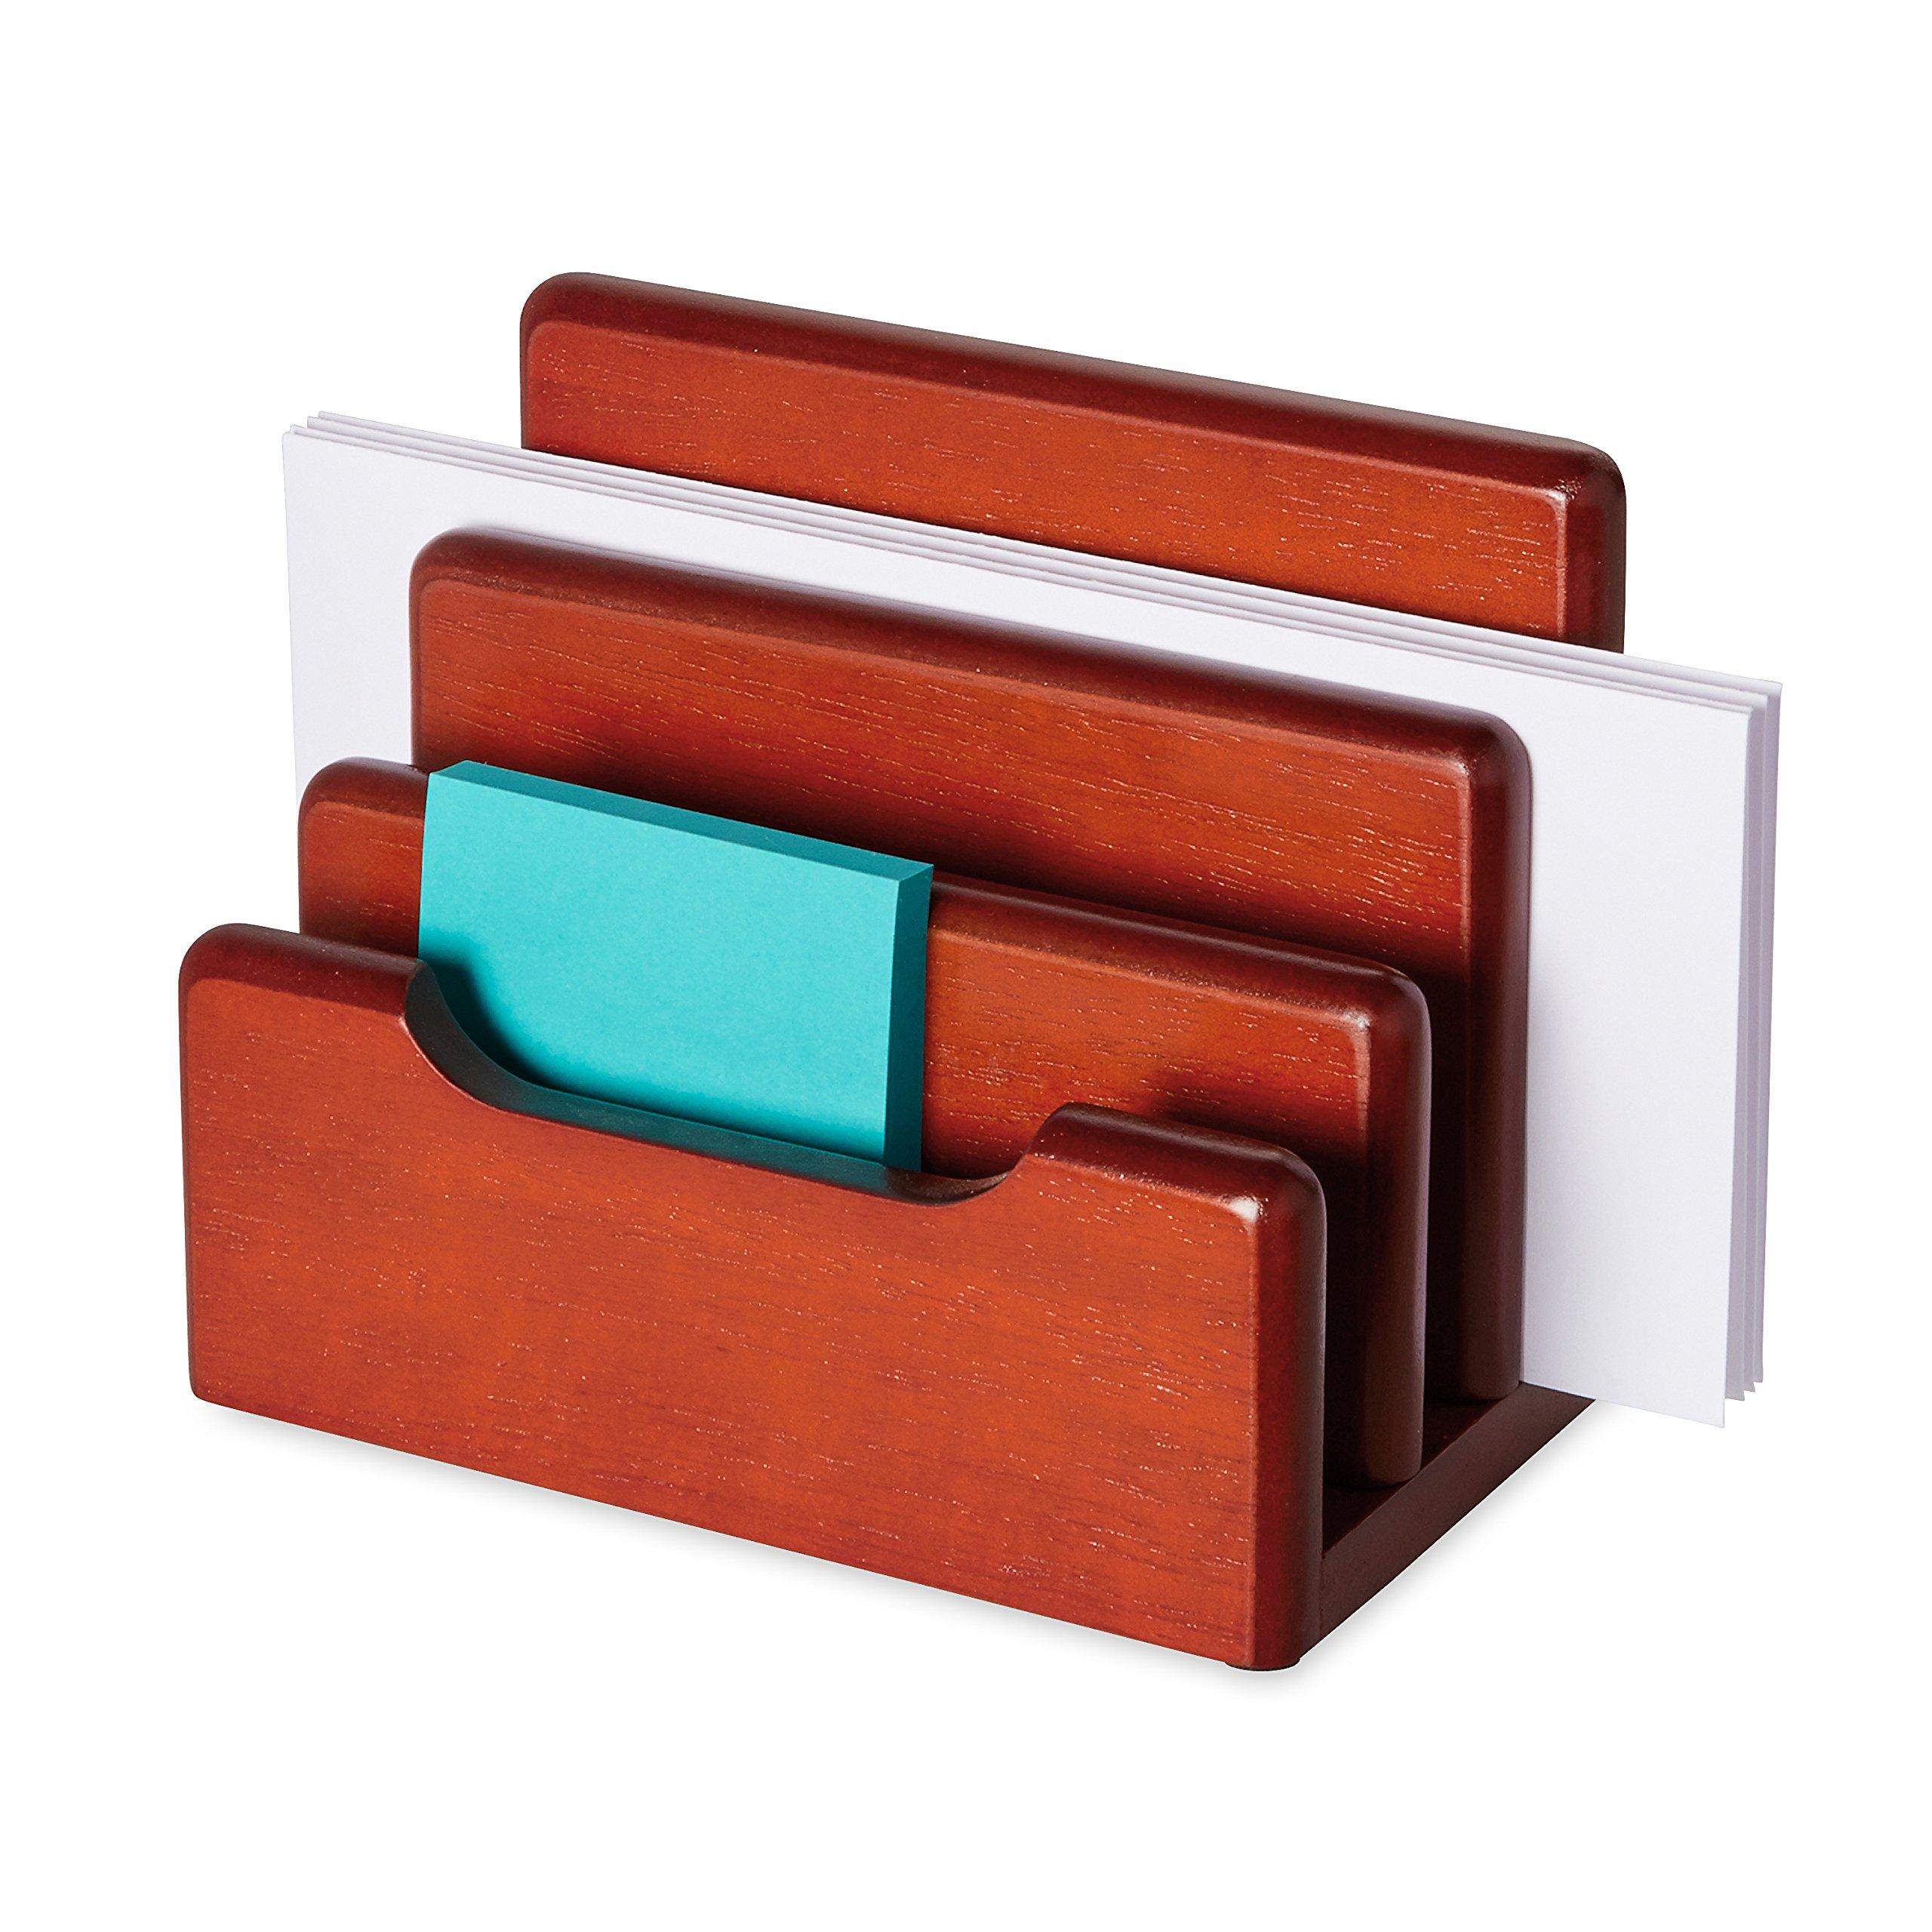 Rolodex 23420 Wood Tones Desktop Sorter, Mahogany